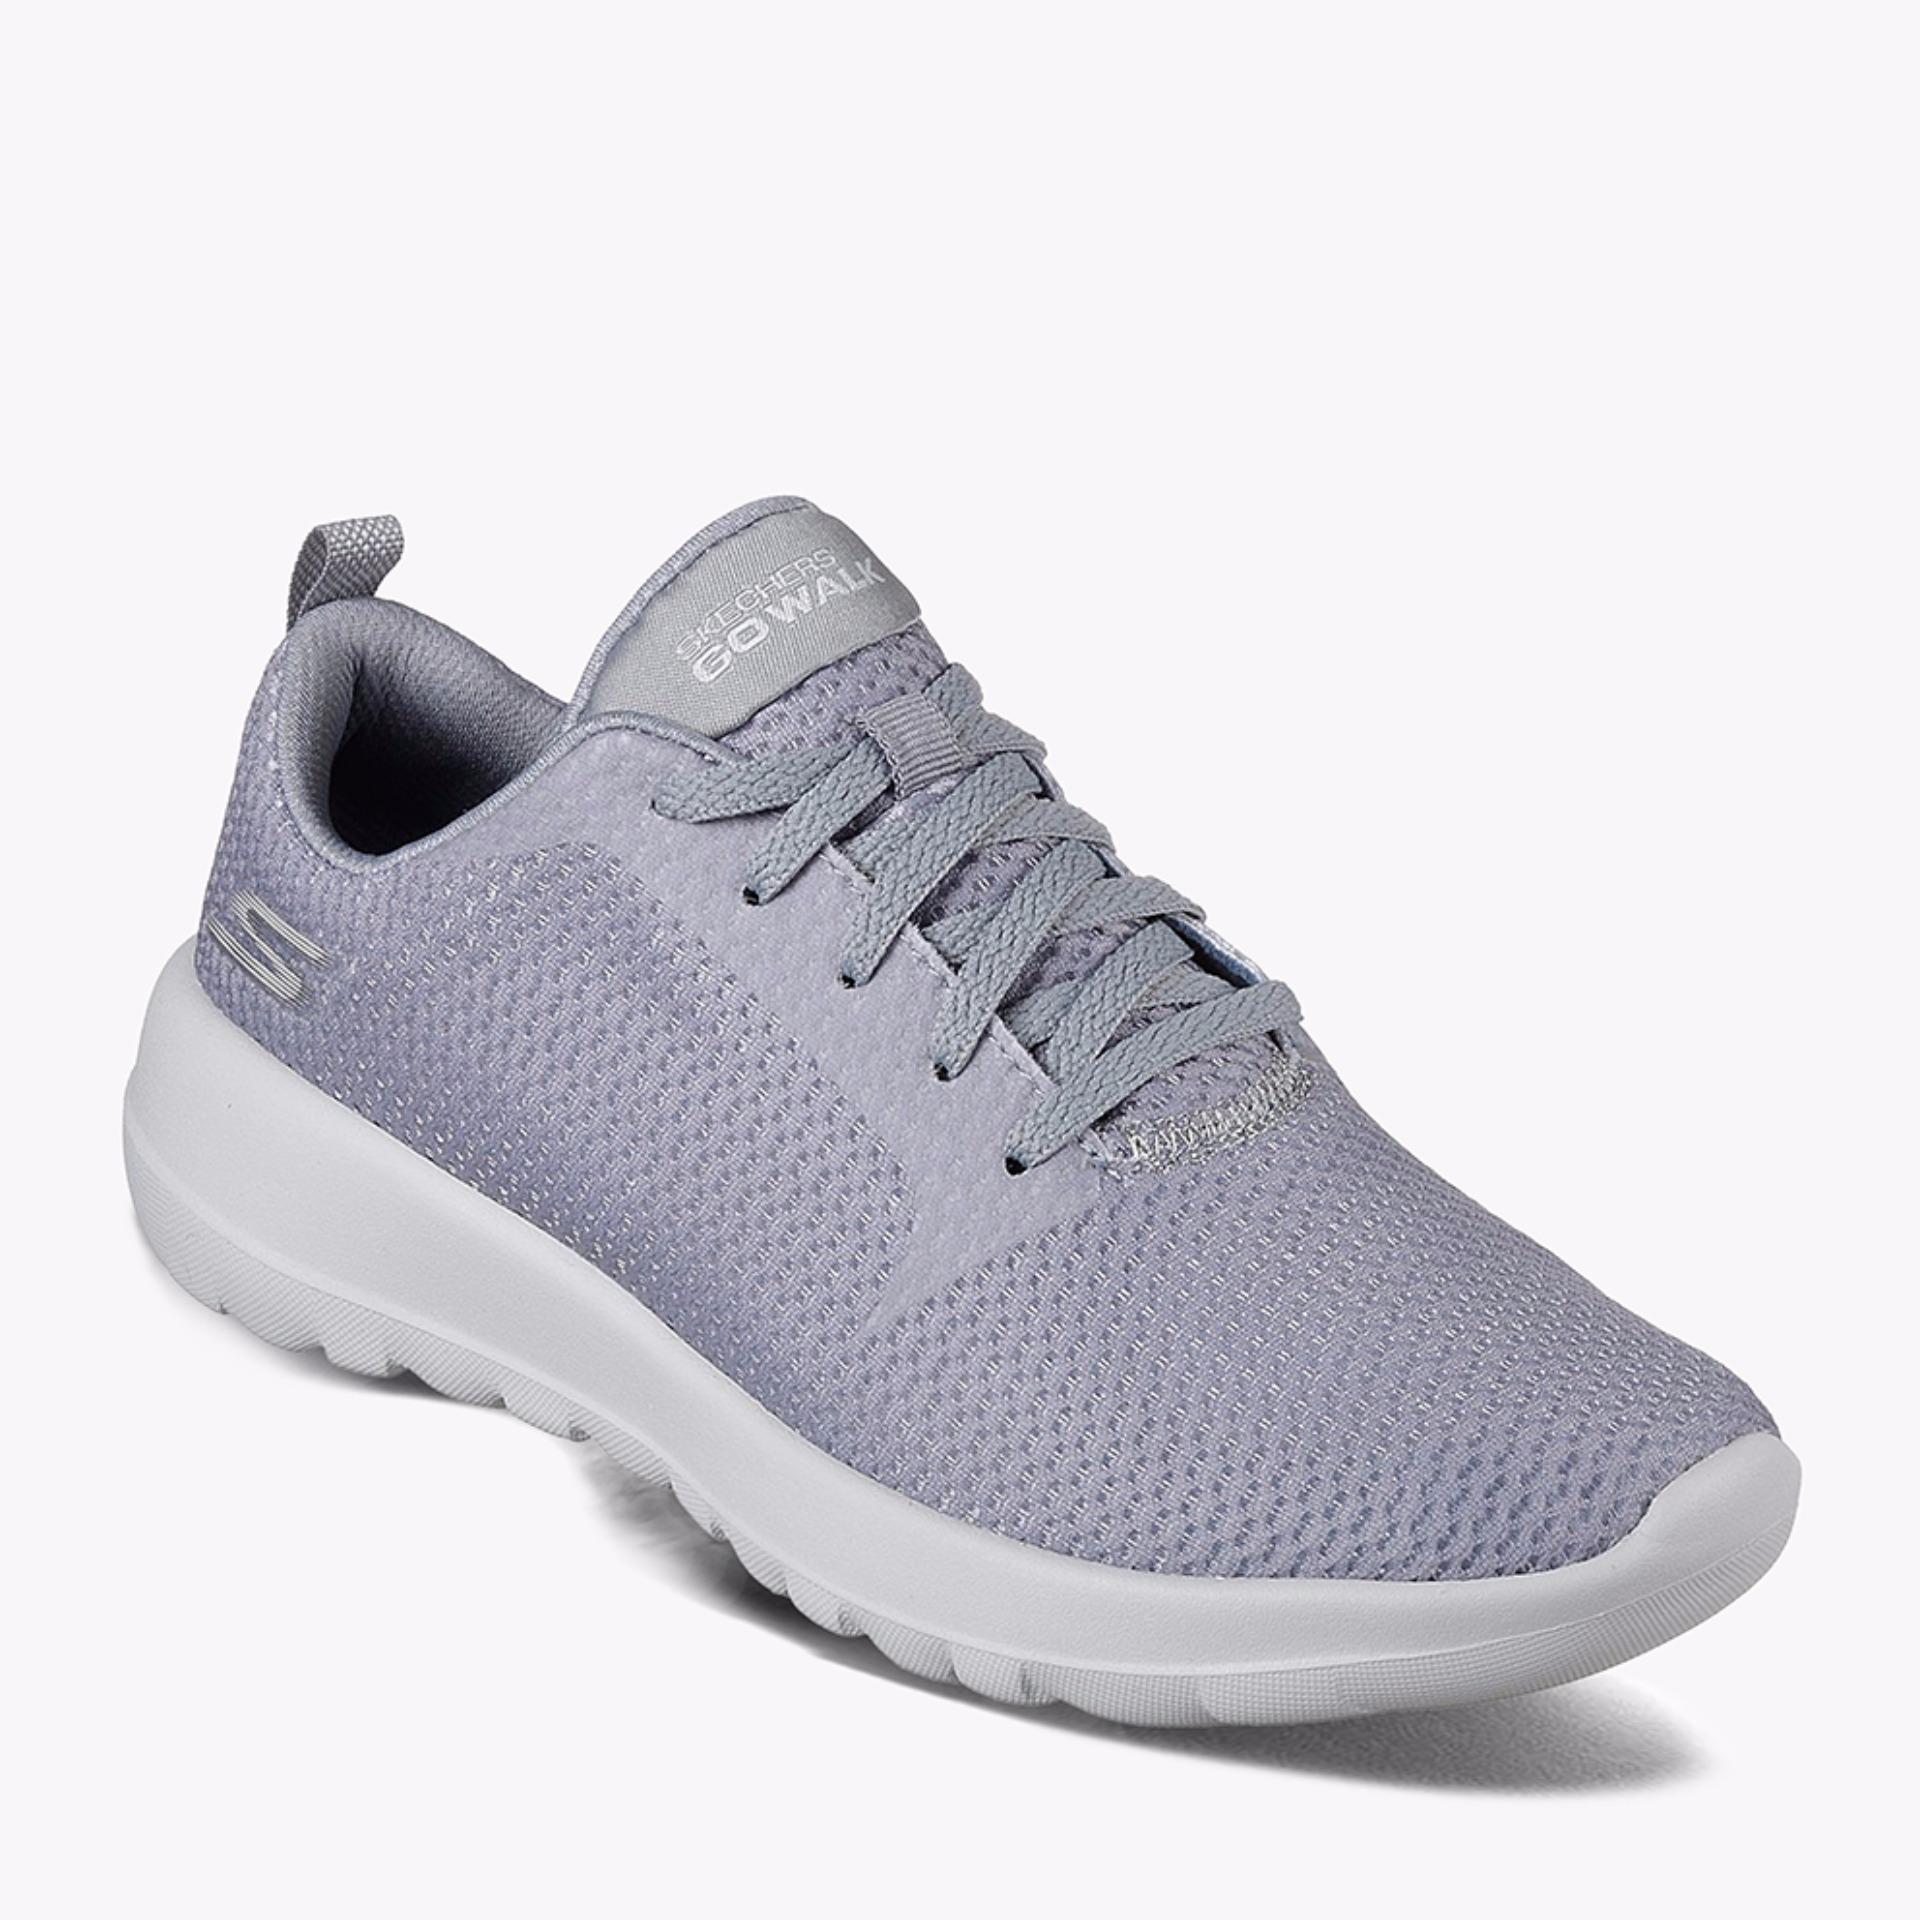 Model Skechers Go Walk Joy Women S Sneakers Shoes Charcoal Terbaru